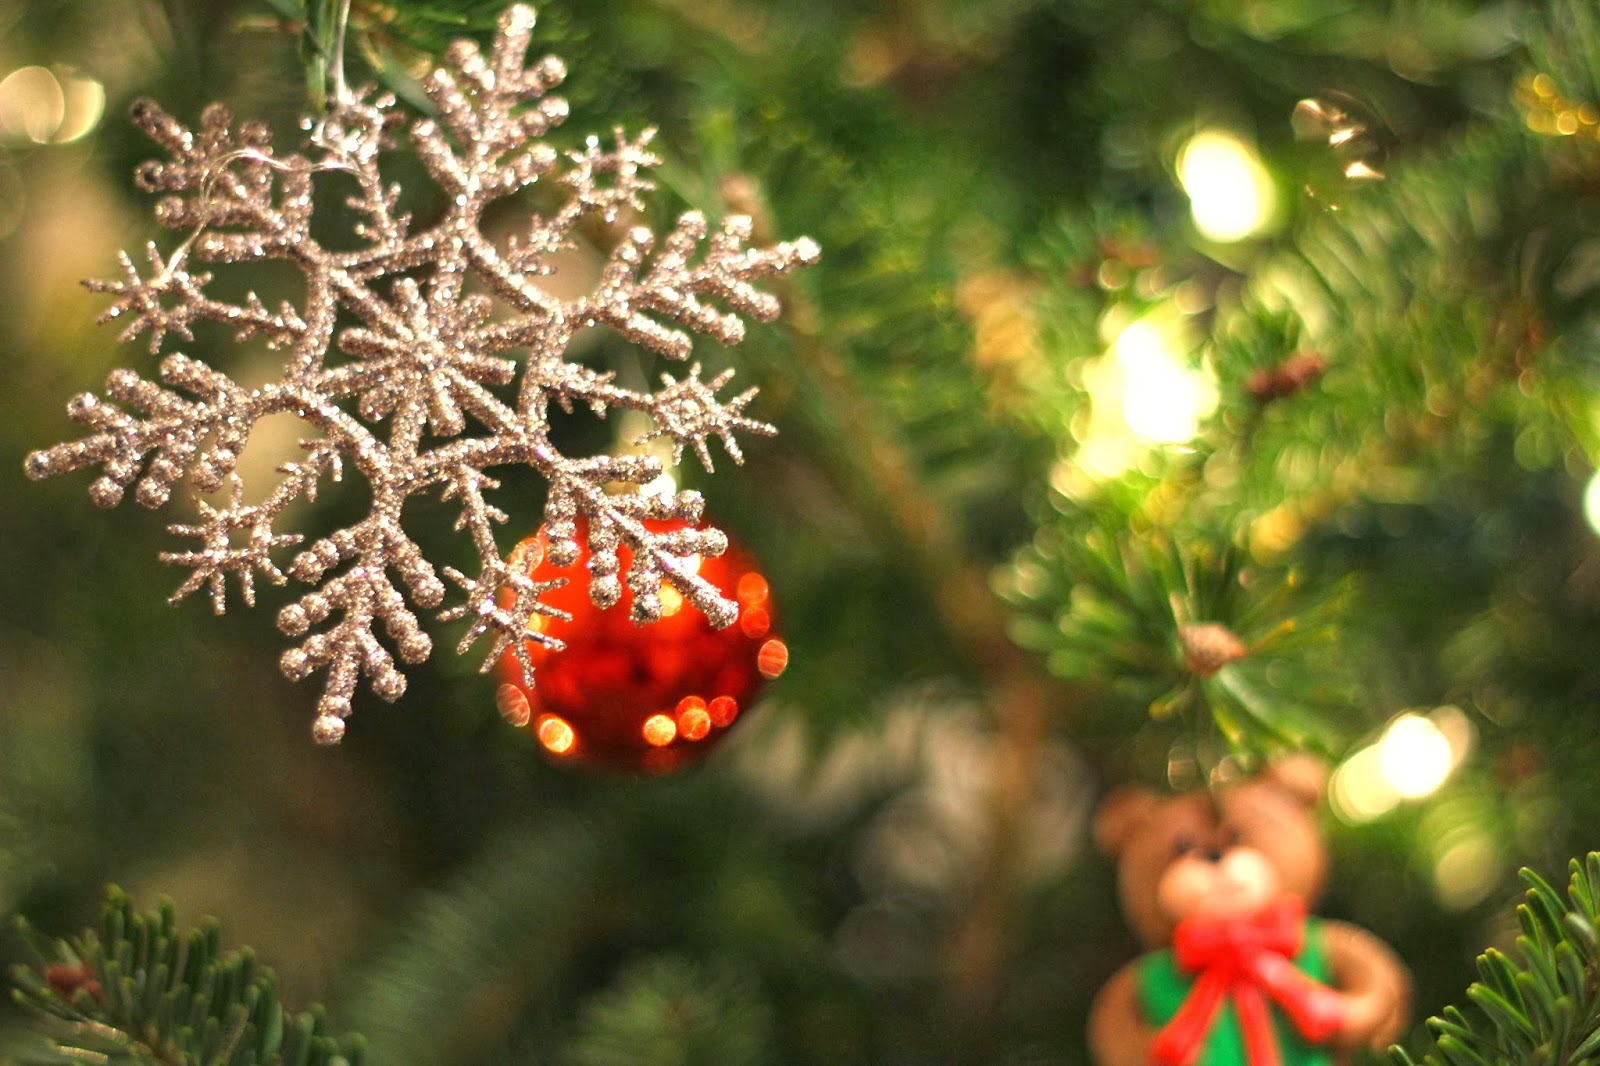 4 สีความหมายดีประจำวันคริสต์มาส